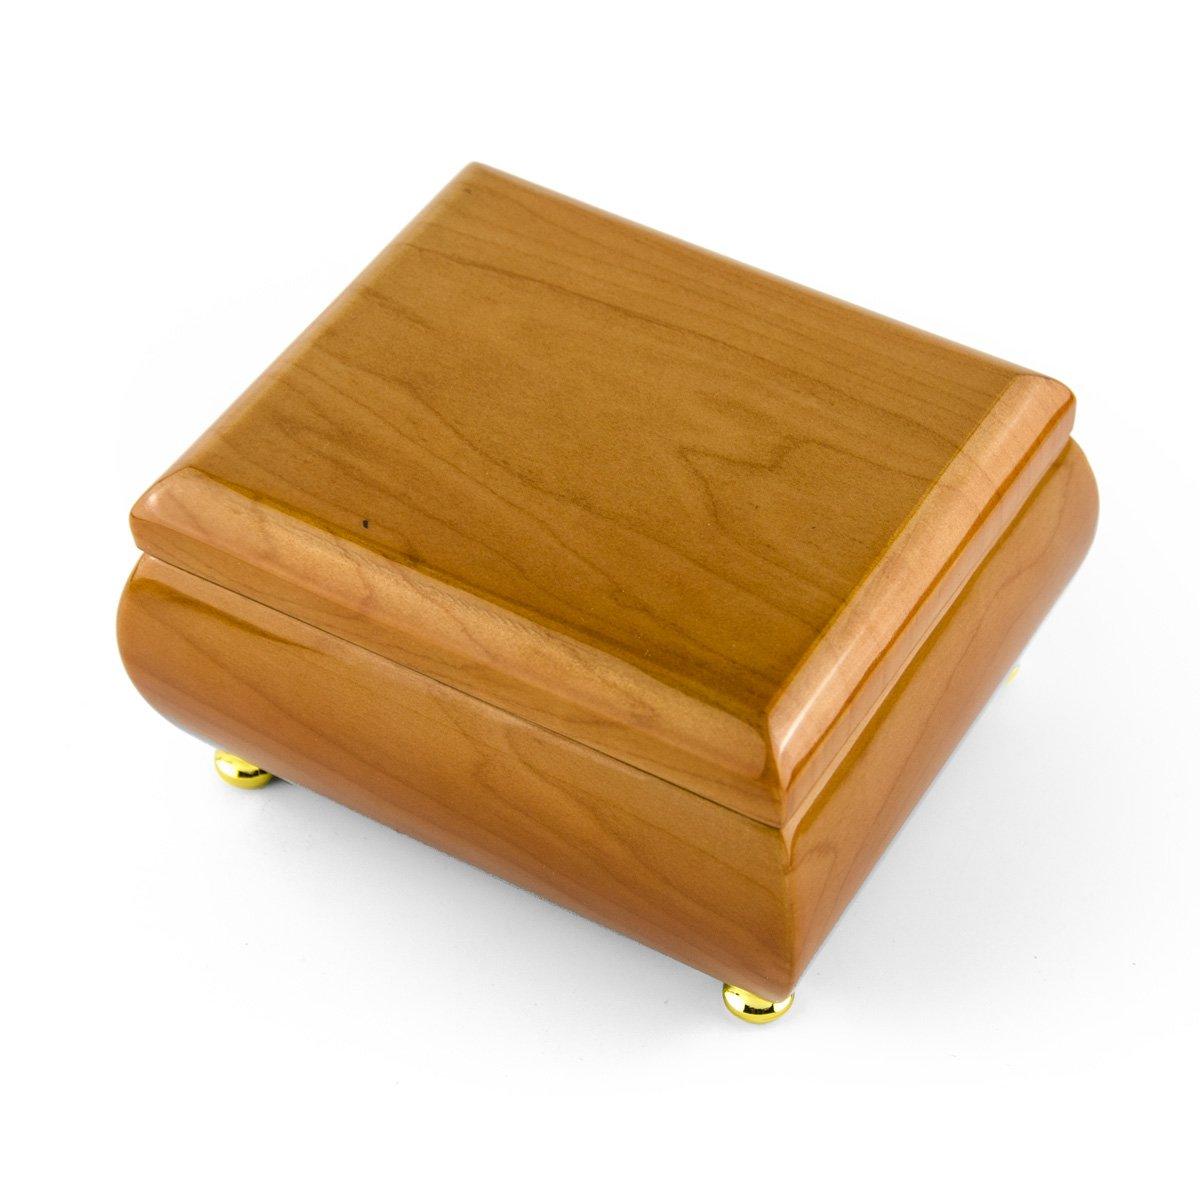 【おまけ付】 ゴージャスな18 Note Hi Gloss Natural Light Belong Wood ToneモダンMusicalジュエリーボックス 406. to 377. The Closer I Get to You - SWISS (+$40) MBA-MB04-LTWD-18NOTE B07BL3QYM9 406. Up Where We Belong 406. Up Where We Belong, ムレチョウ:ecd72e16 --- ciadaterra.com